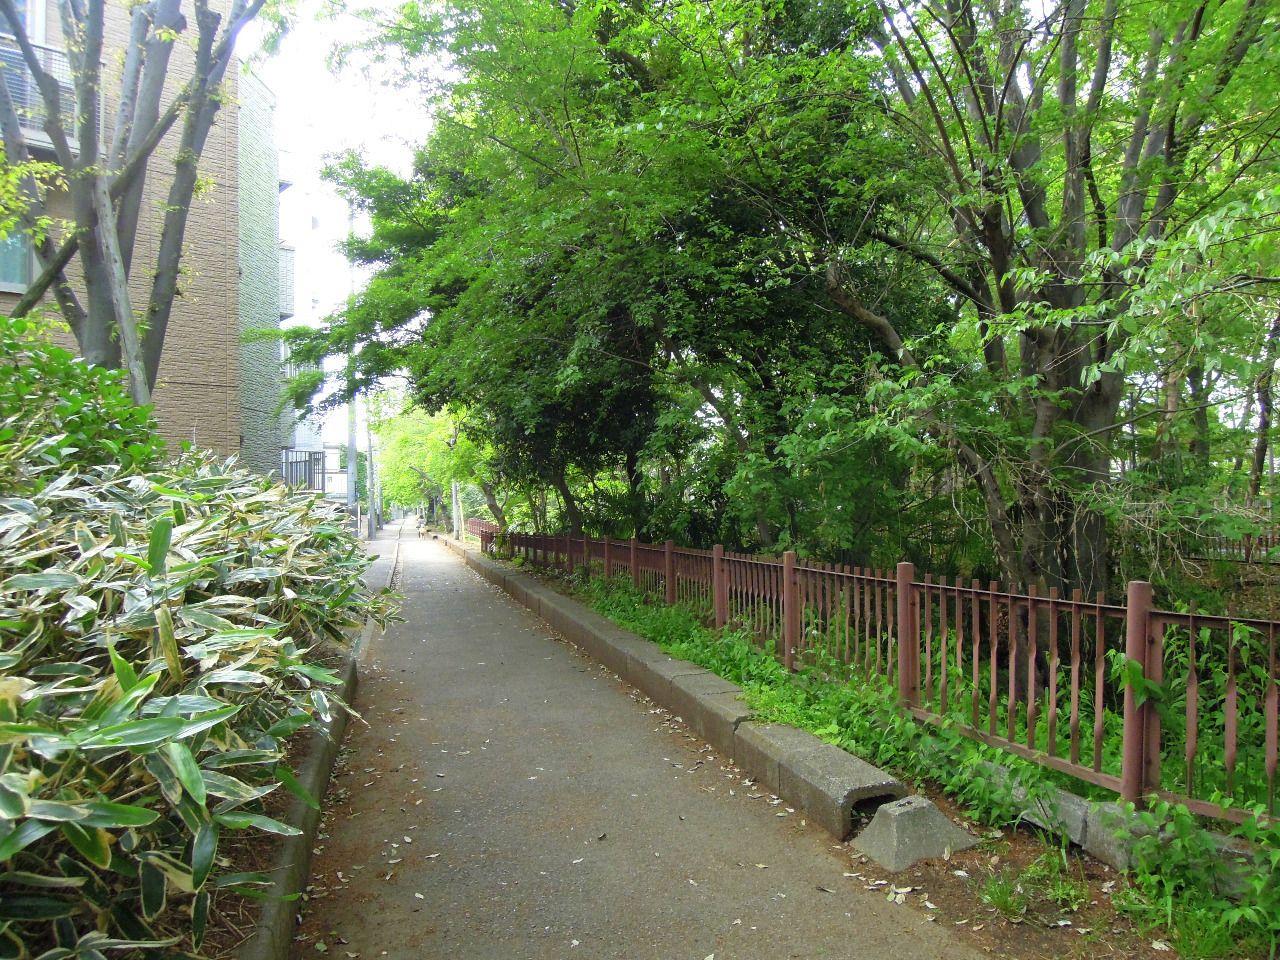 太宰治が住んでいた町として人気の三鷹市は、緑あふれる住宅地です